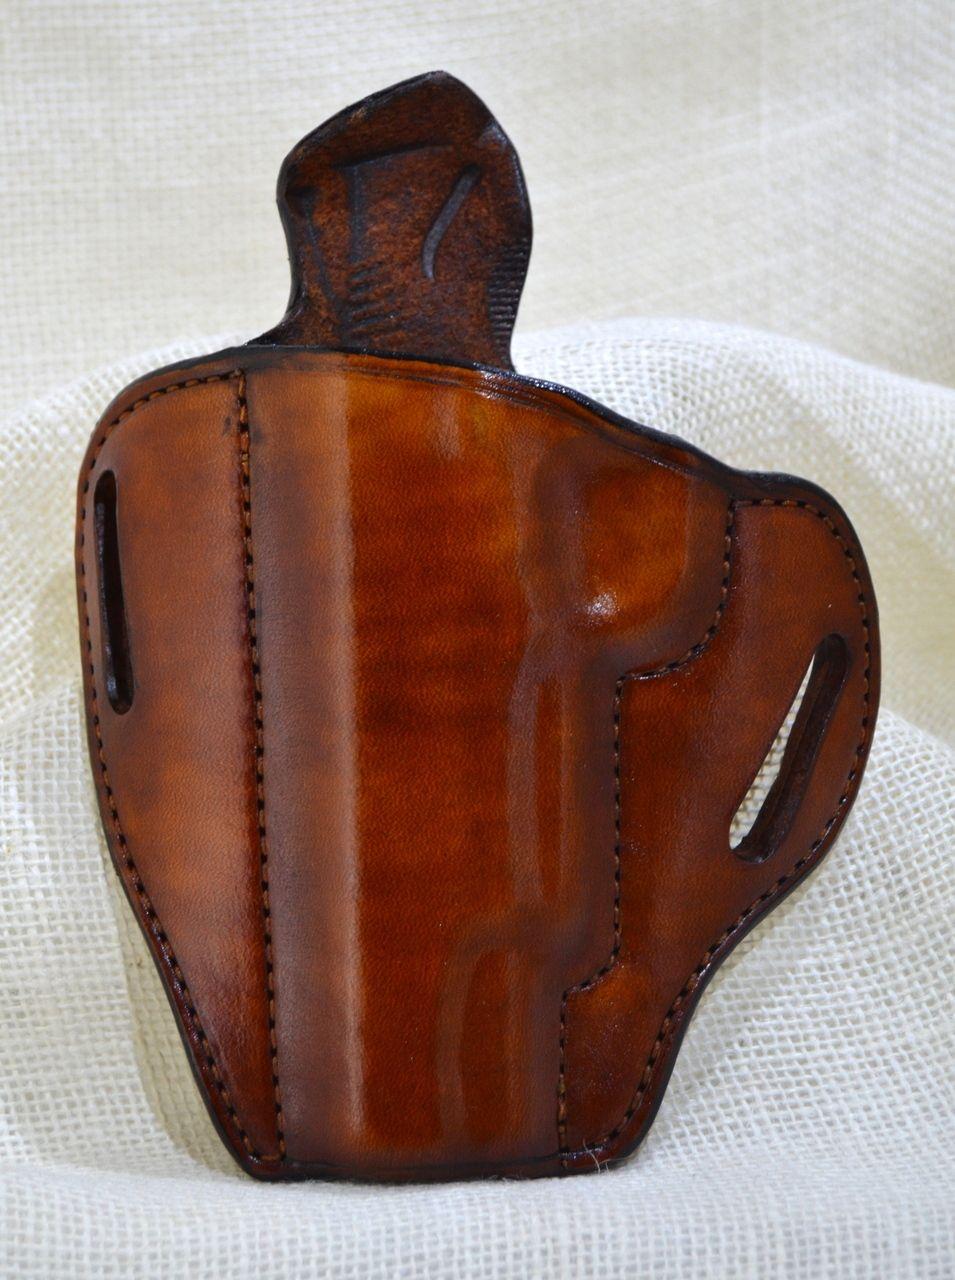 Pancake style custom leather holster for 1911 Models $59 99